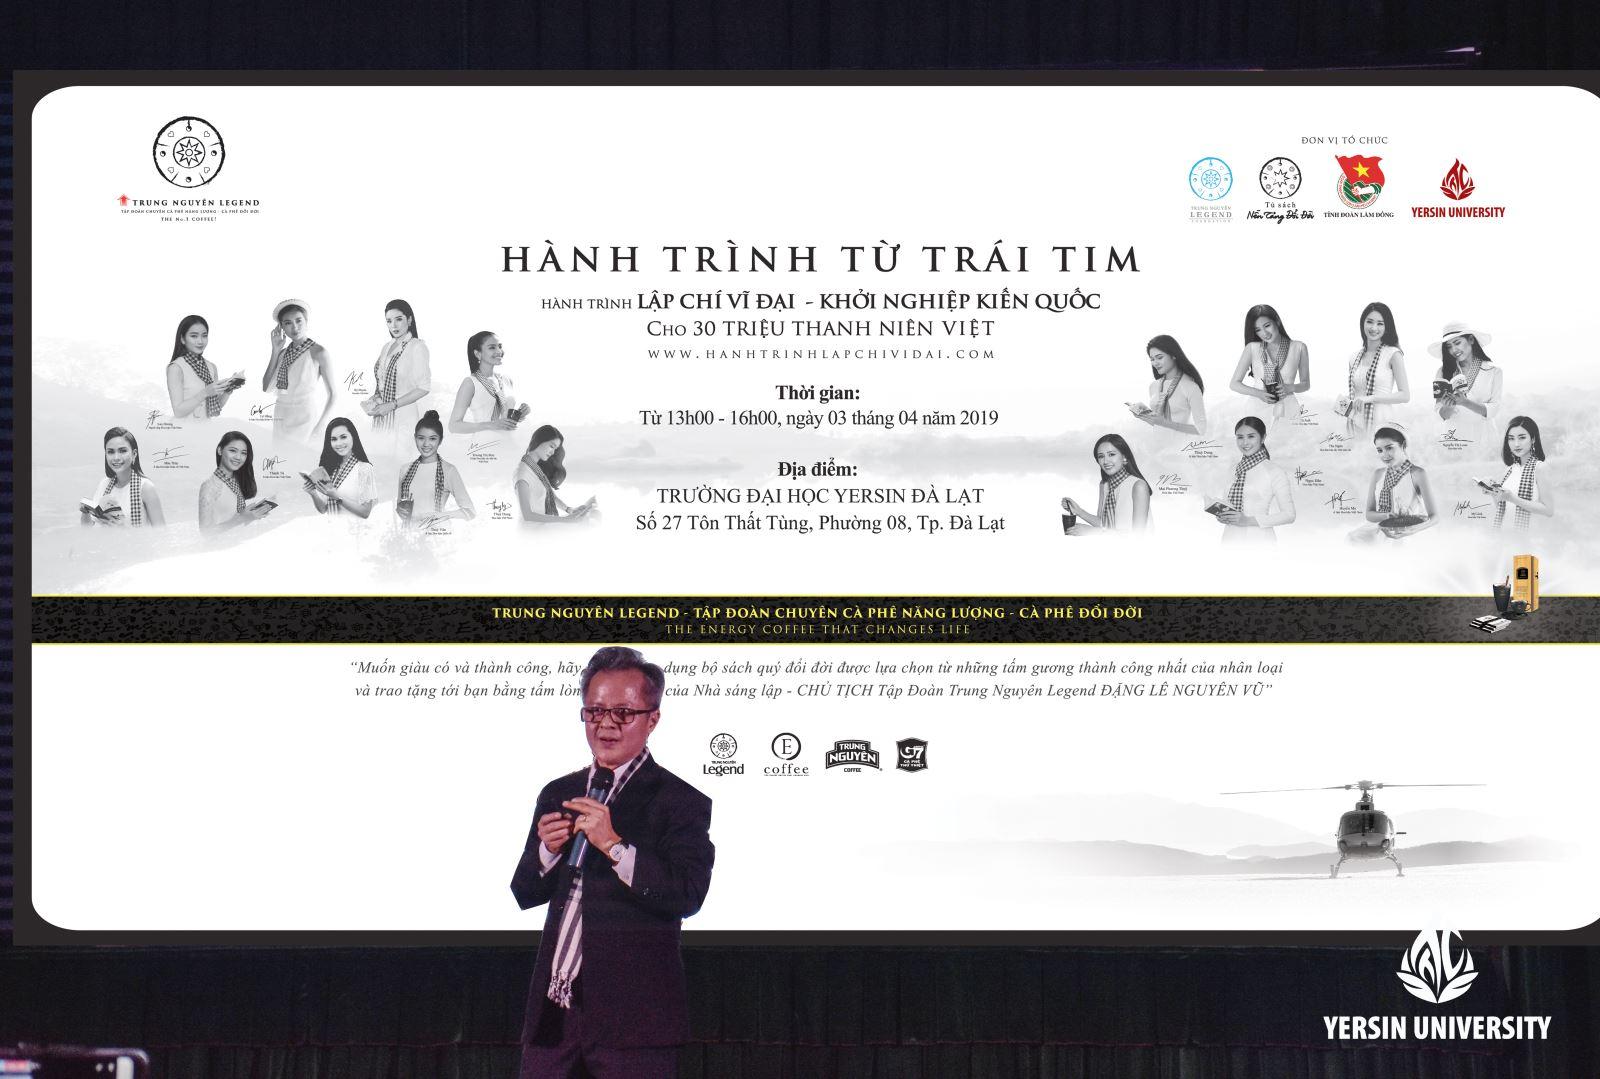 Ông Trần Hữu Đức – Giám đốc đào tạo Tập đoàn Trung Nguyên Legend chia sẻ cùng các bạn sinh viên